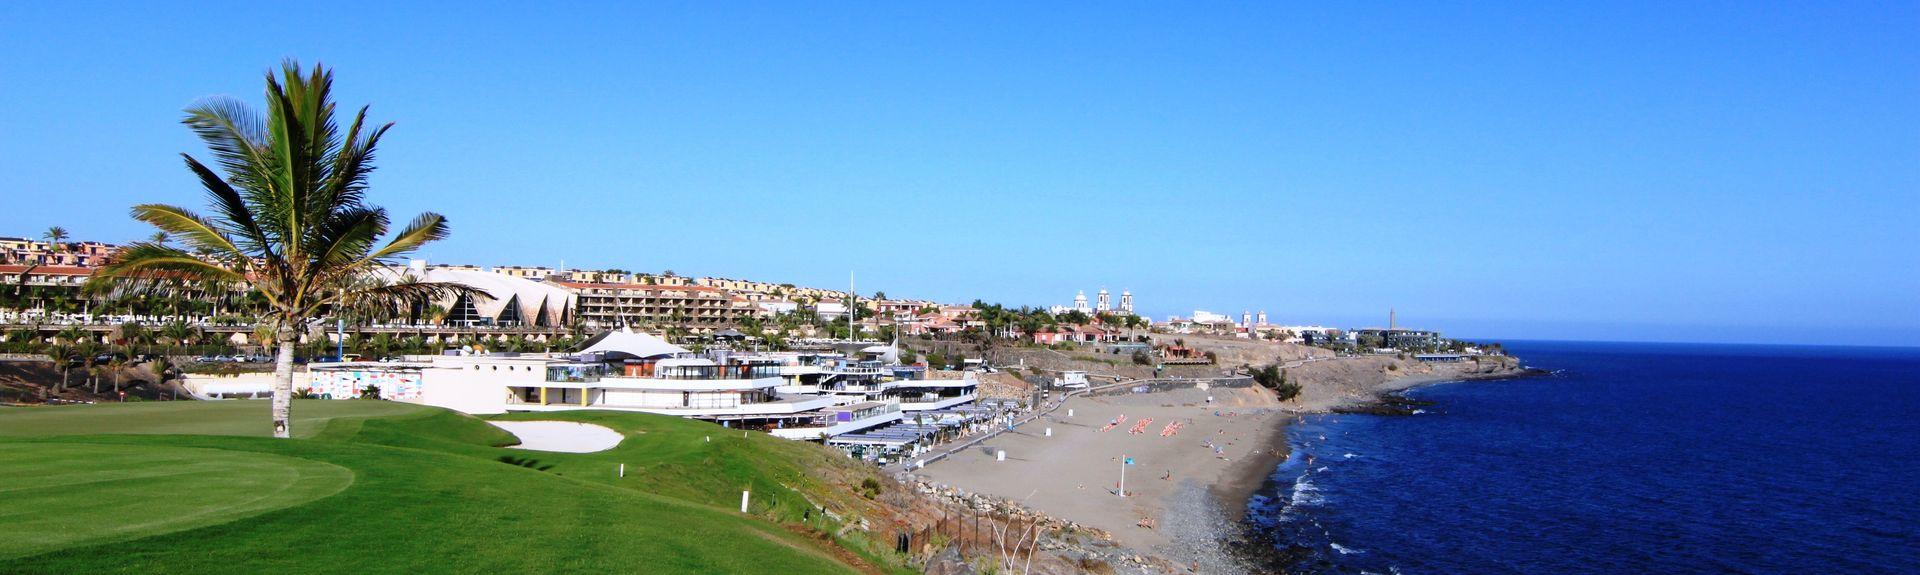 Pasito Blanco, Kanarieöarna, Spanien